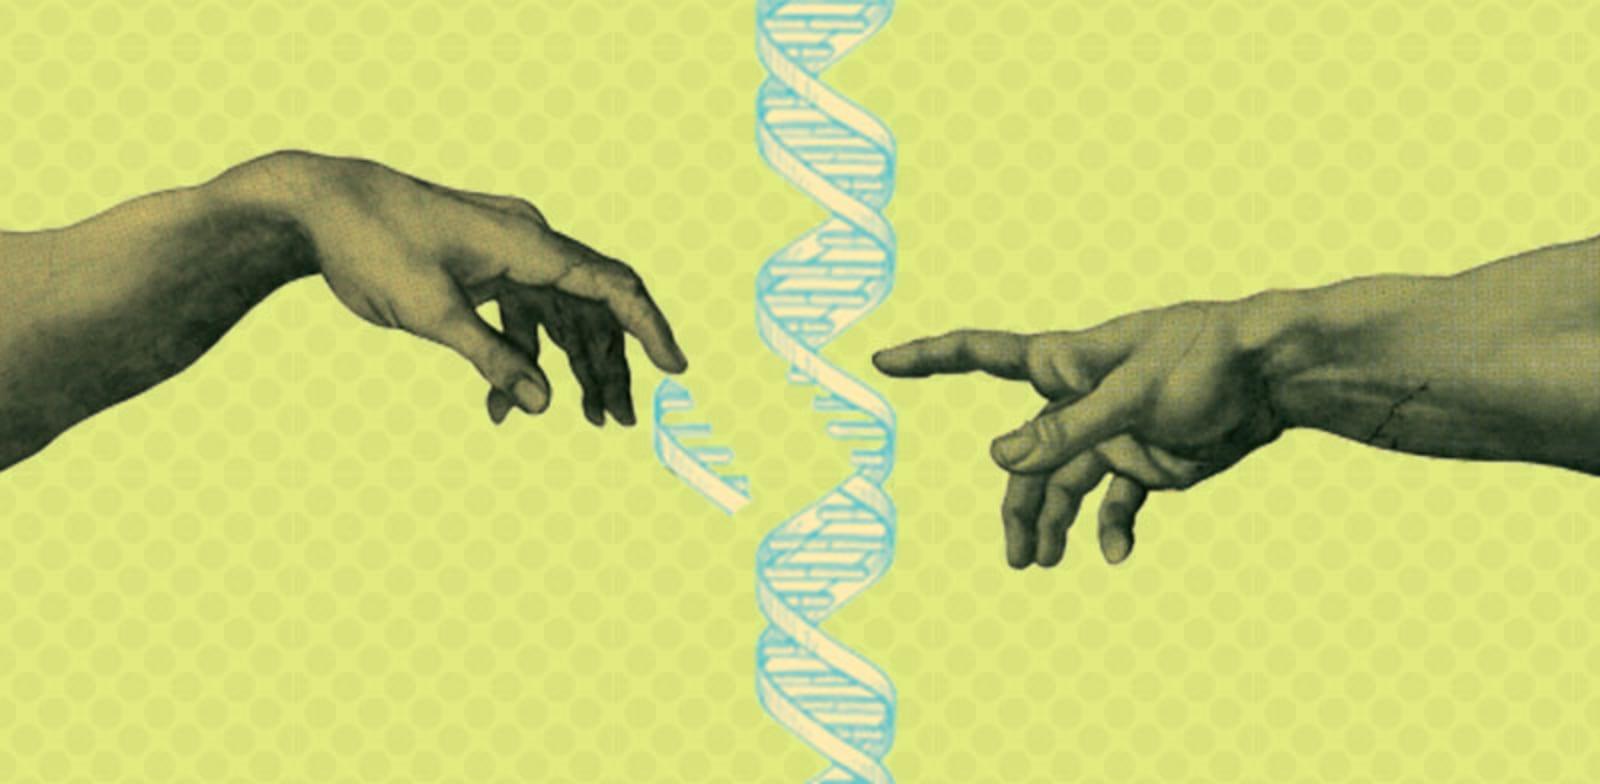 עריכה גנטית והמין האנושי / צילום: Shutterstock